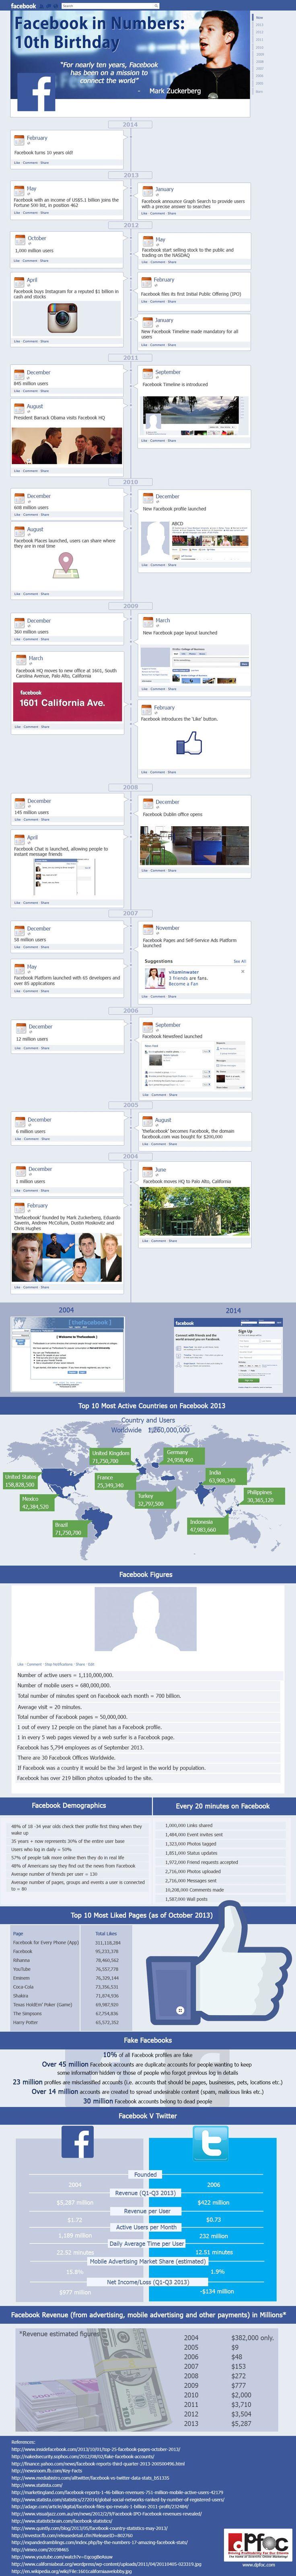 Infografia: 10 anos de Facebook   APPM - Associação Portuguesa dos Profissionais de Marketing